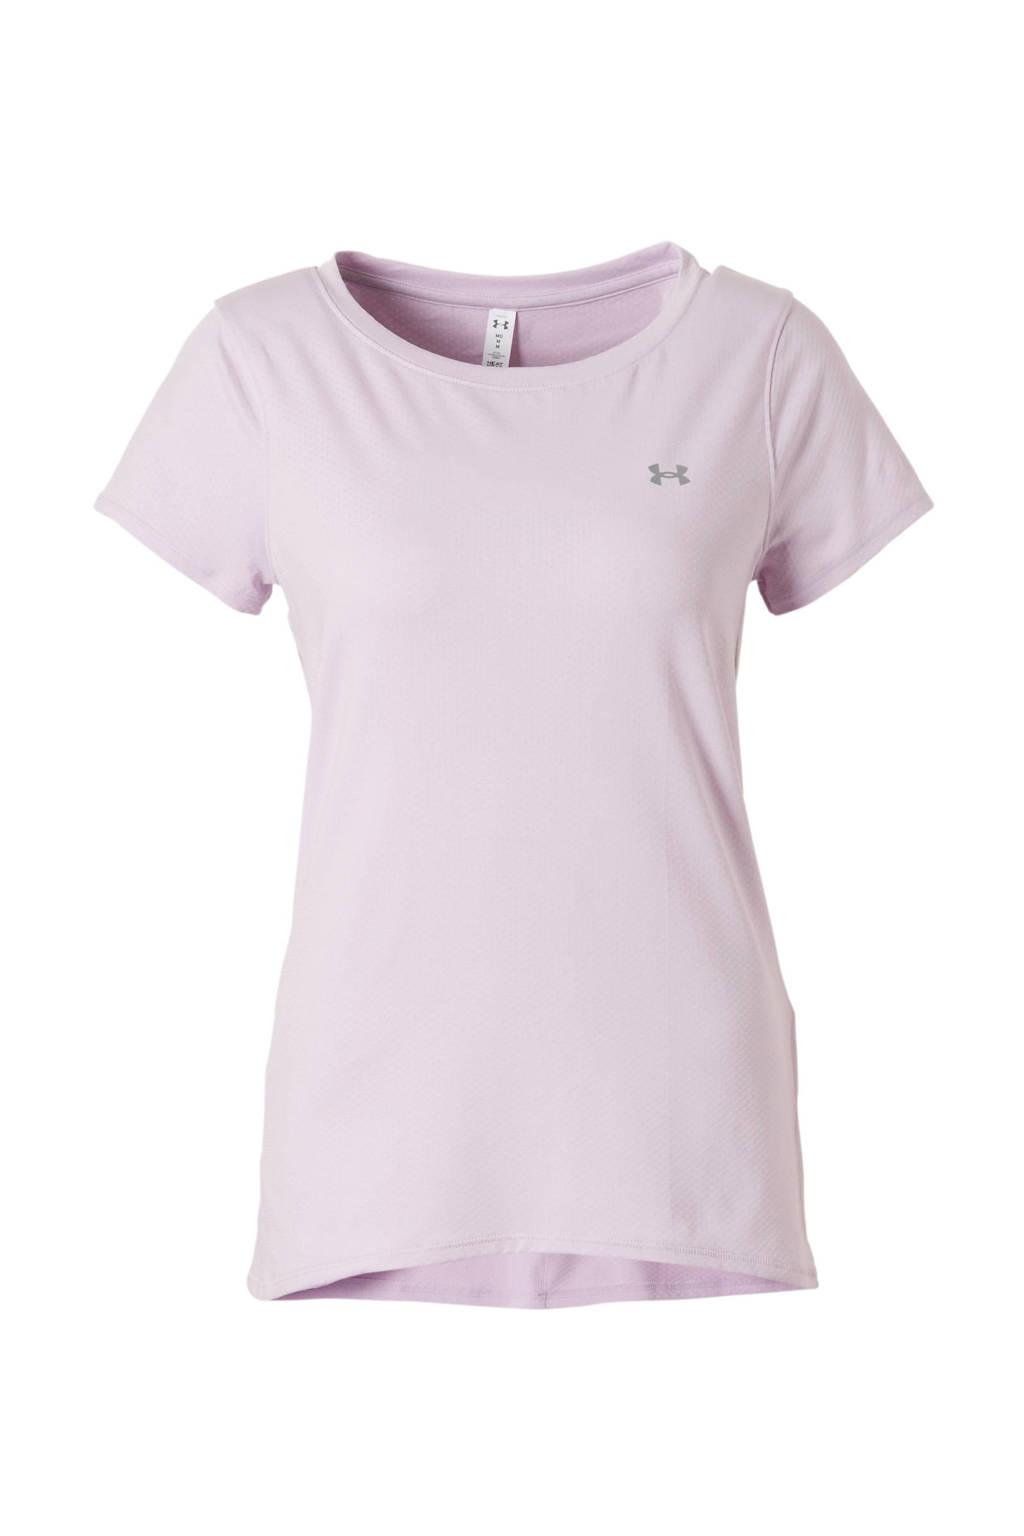 Under Armour sport T-shirt lichtroze, Lichtroze